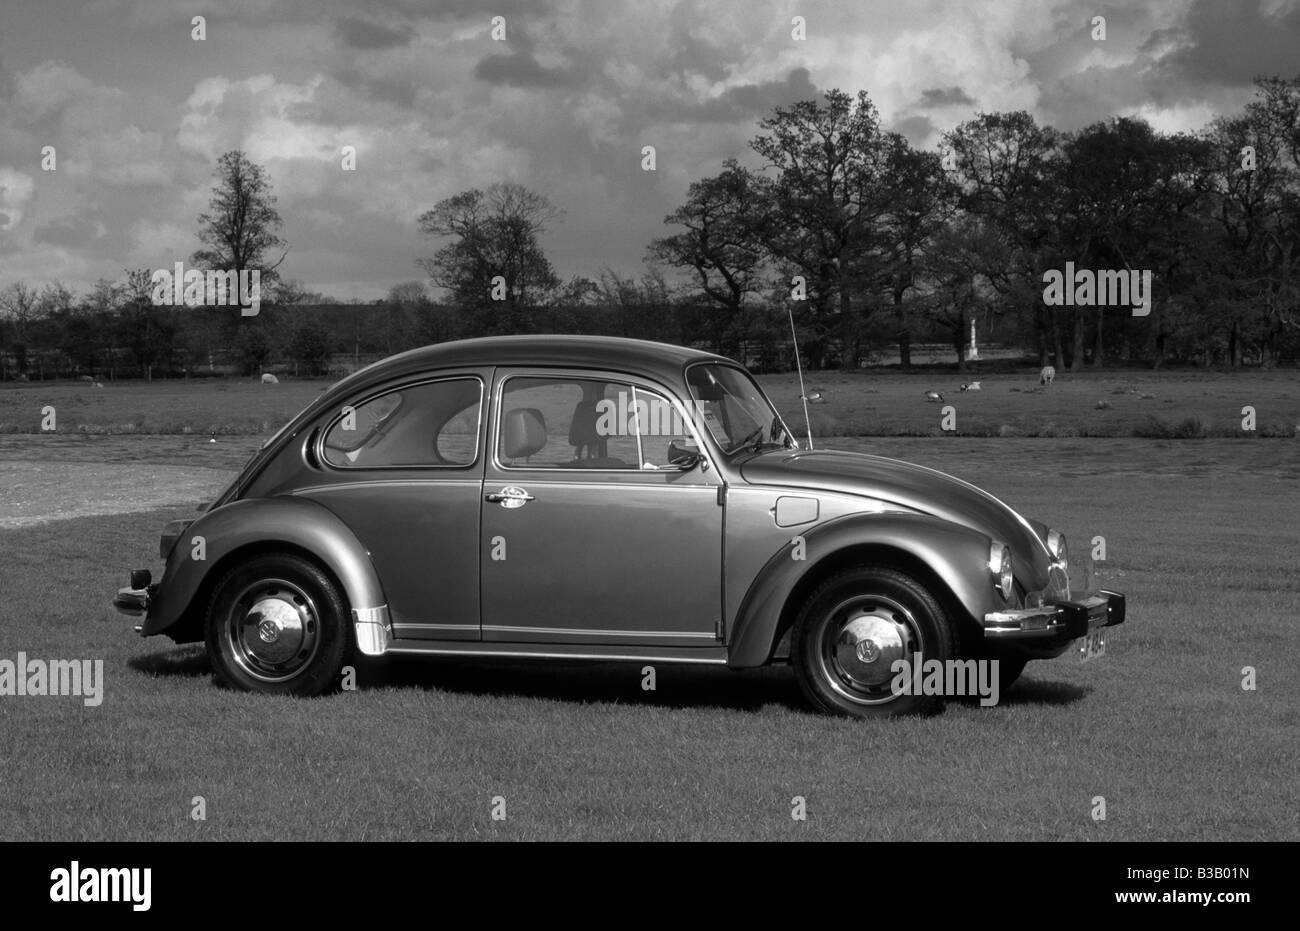 Volkswagen Beetle 1200 of 1983. - Stock Image